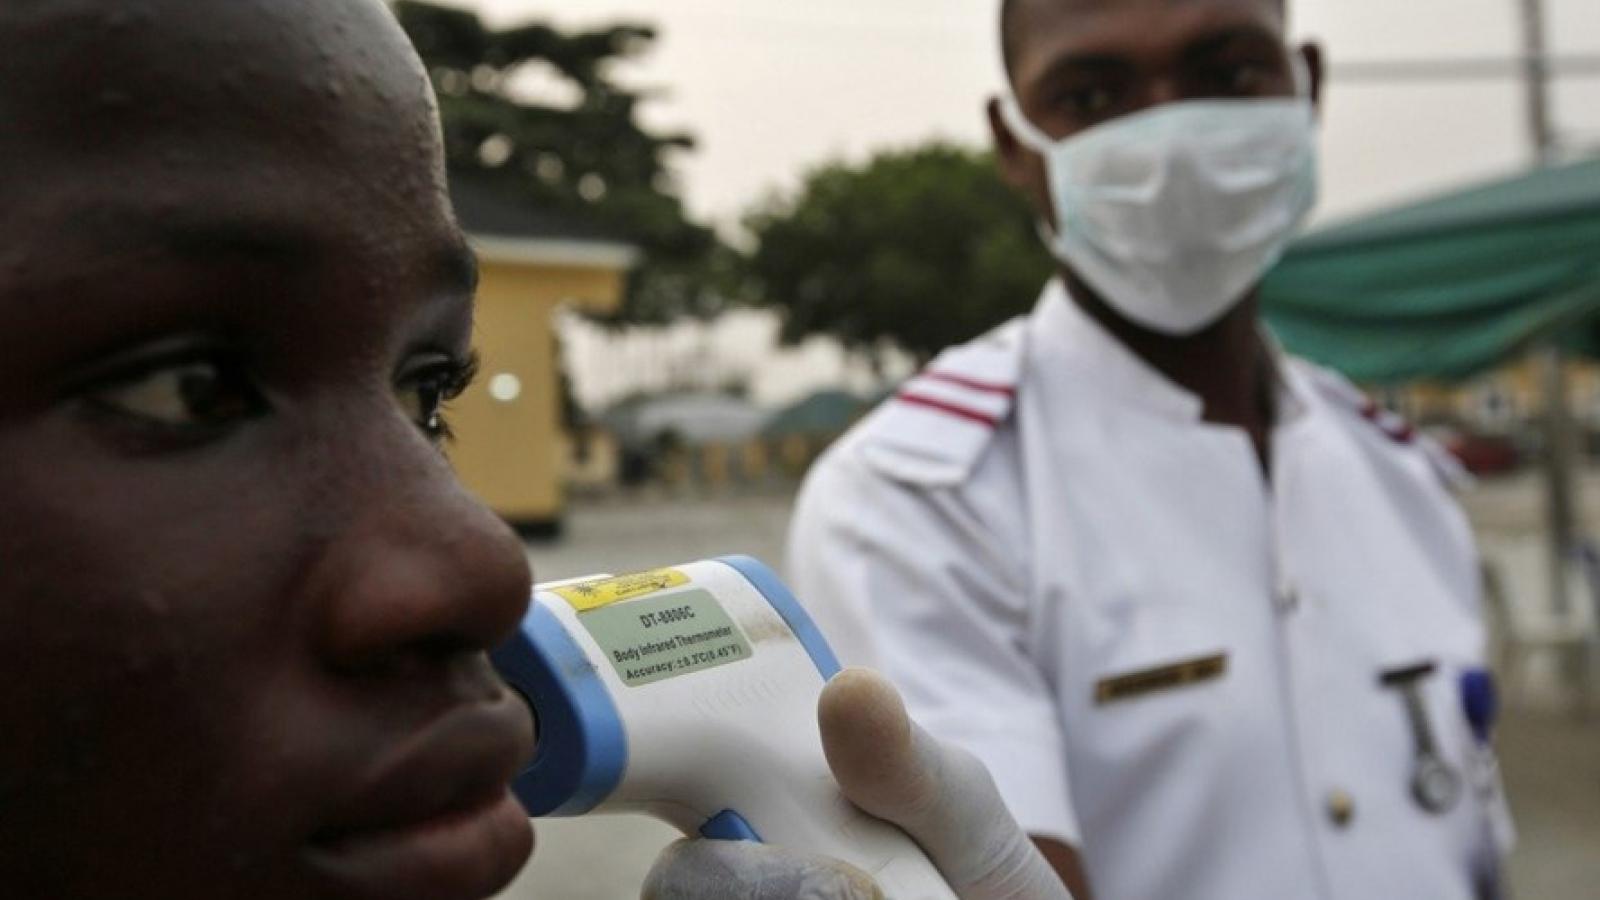 Châu Phi sắp cán mốc 100.000 ca tử vong do Covid-19